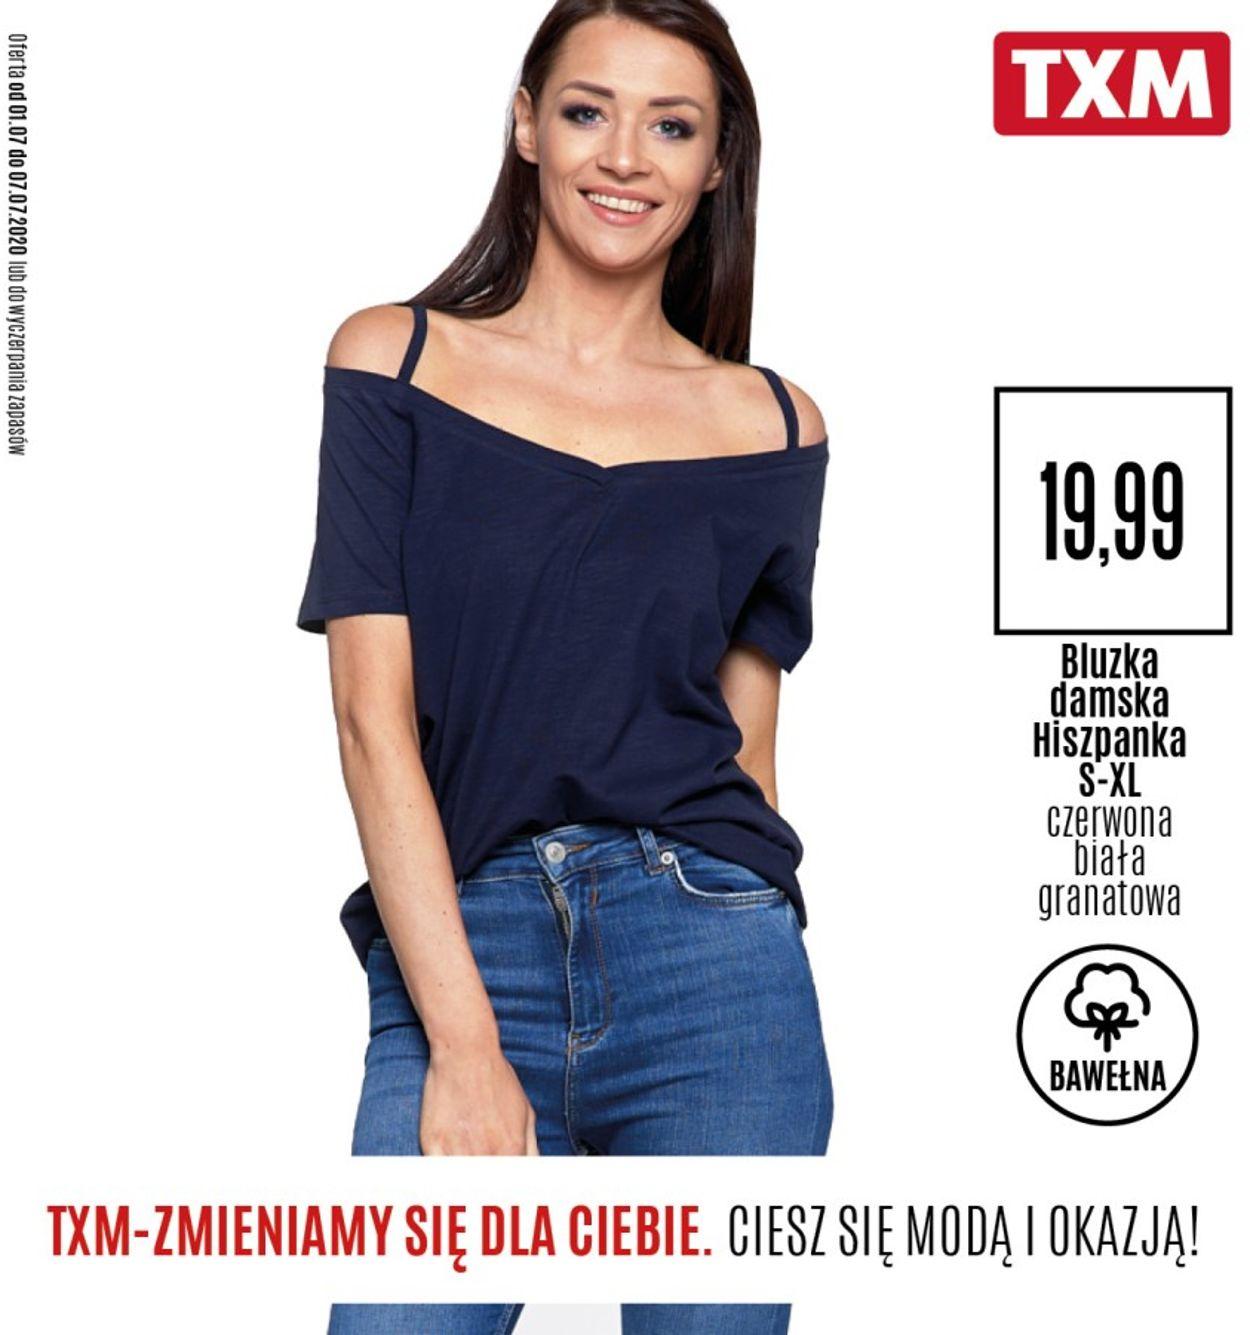 Gazetka promocyjna TXM - 01.07-07.07.2020